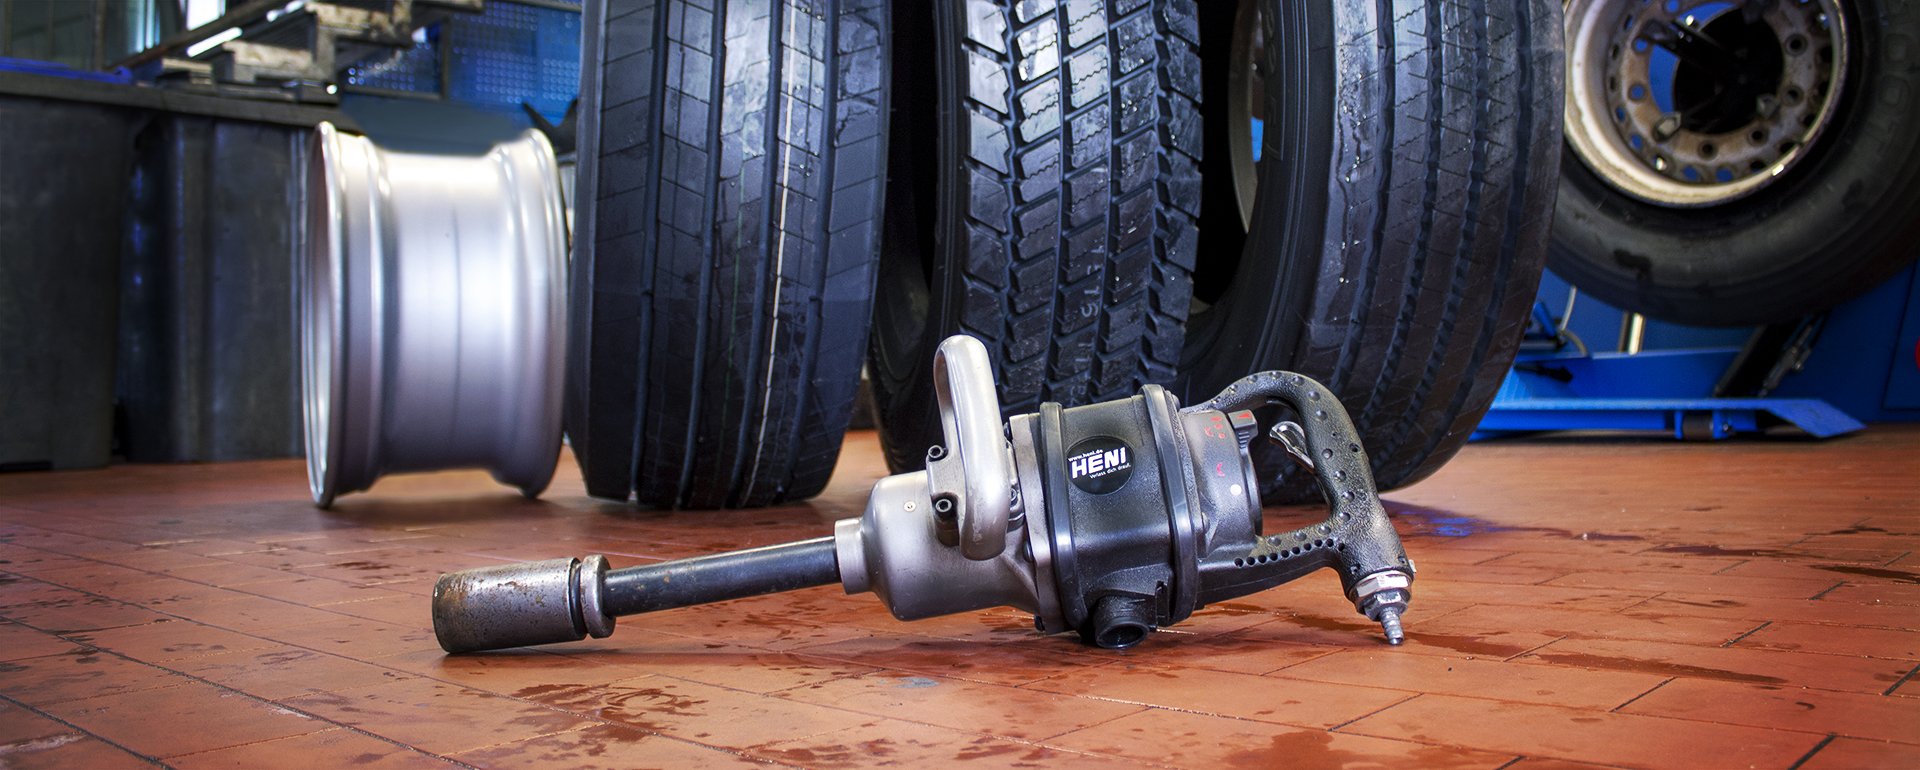 Lkw-Reifen Service auch in Essen